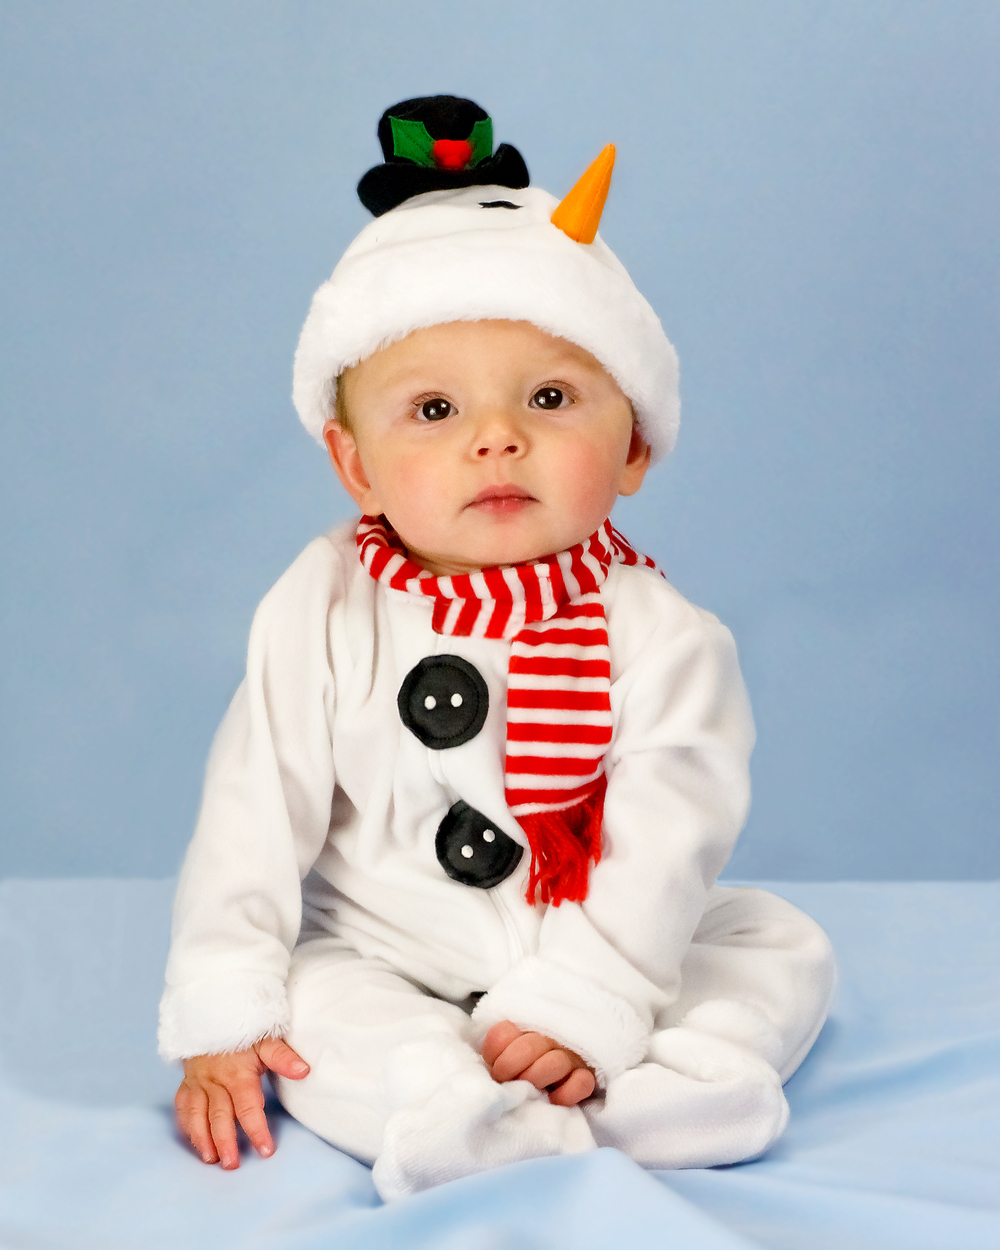 cutest little snowman